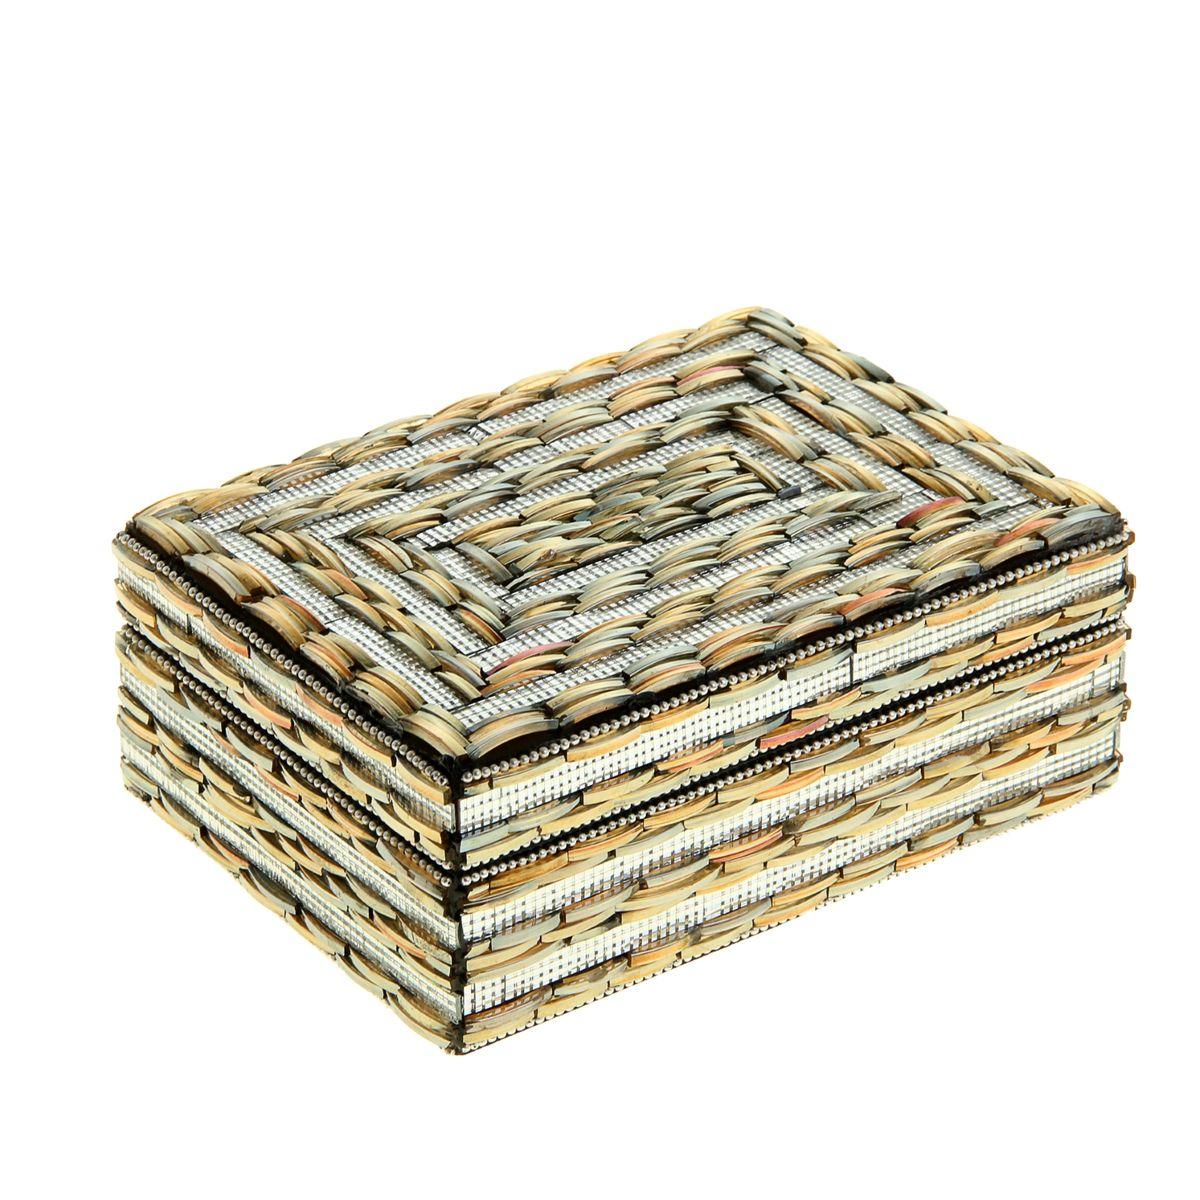 Шкатулка Sima-land Бисер, 18,5 см х 13,5 см х 7 см799975Шкатулка Sima-land Бисер выполнена из МДФ и украшена элементами из стекла. Техника декорирования такой шкатулки имеет свои особенности: для украшения используются специальные кольца из стекла, которые разрезаются на несколько отдельных частей, благодаря чему получаются слегка выпуклые продолговатые кусочки. Из этих кусочков выкладывается настоящая мозаика, придающая шкатулке эффектный и необычный вид. Внутри одно большое отделение.Шкатулку можно смело дарить представительнице прекрасного пола. Даже не сомневайтесь: она очень быстро найдет, чем заполнить такой стильный и удобный аксессуар.